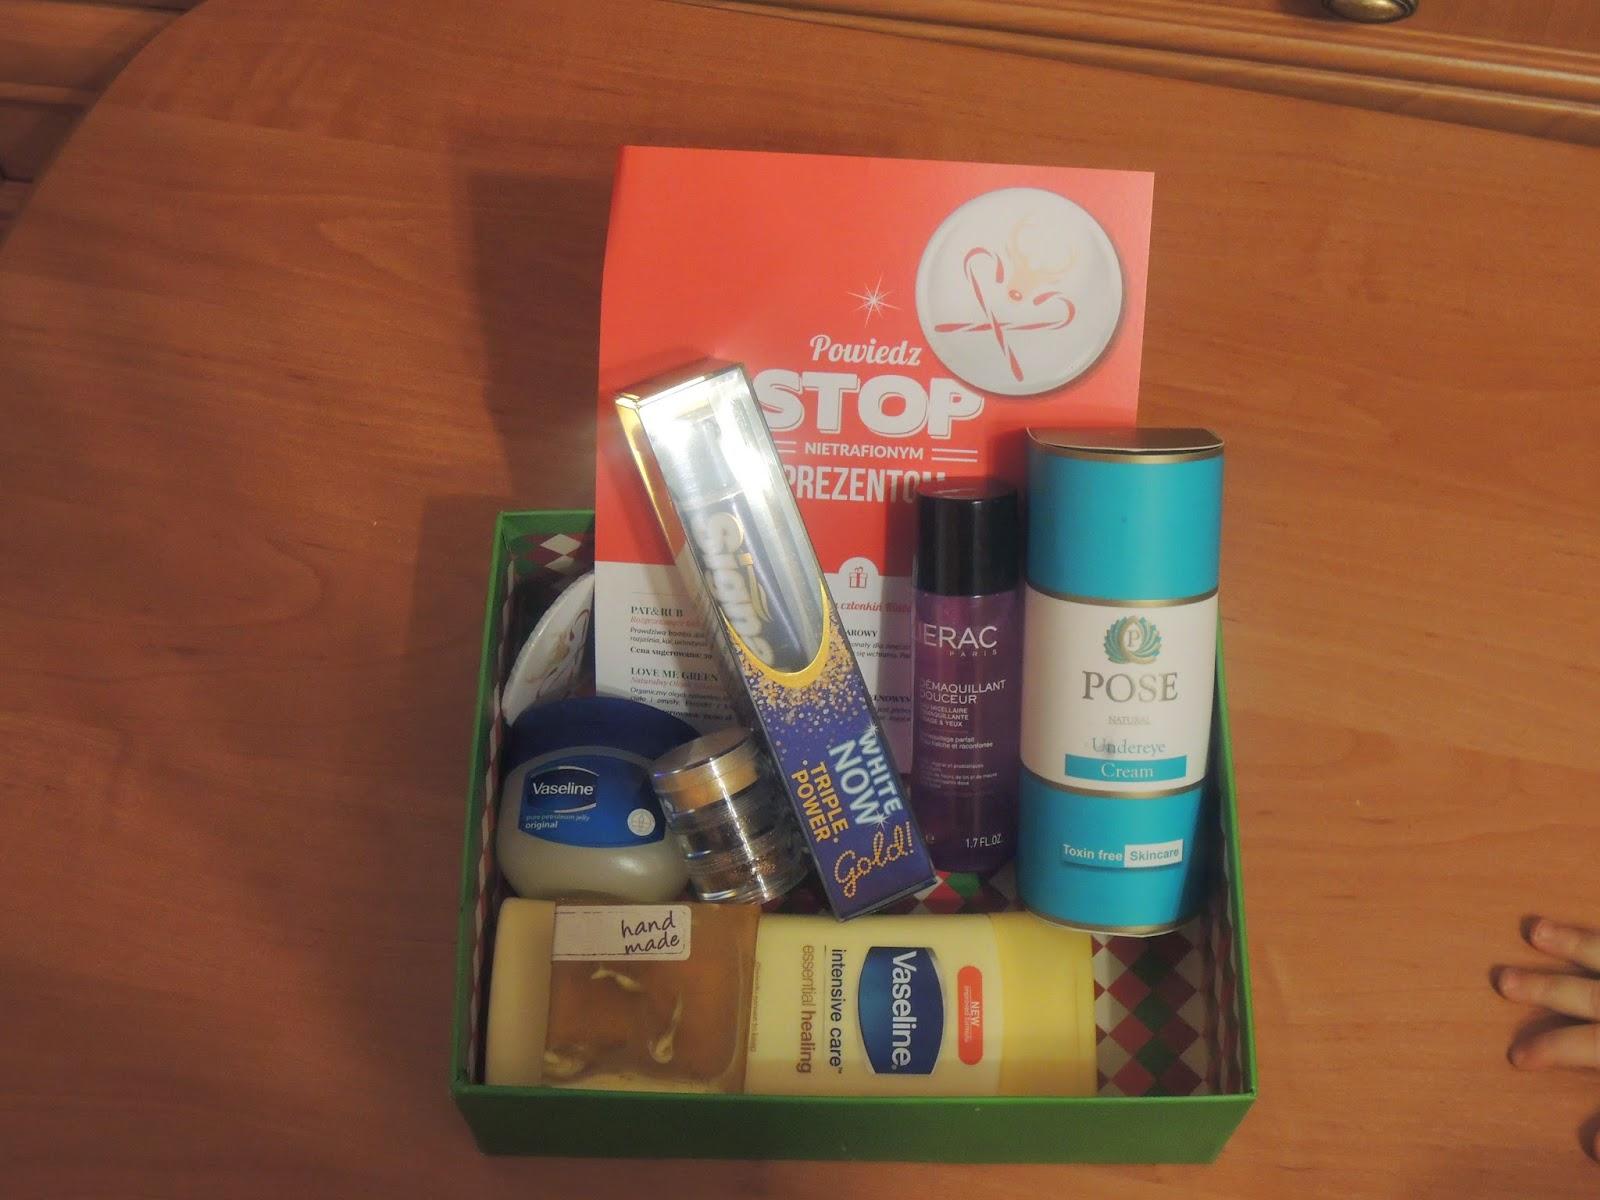 Powiedz stop nietrafionym prezentom, czyli grudniowy Shiny Box!